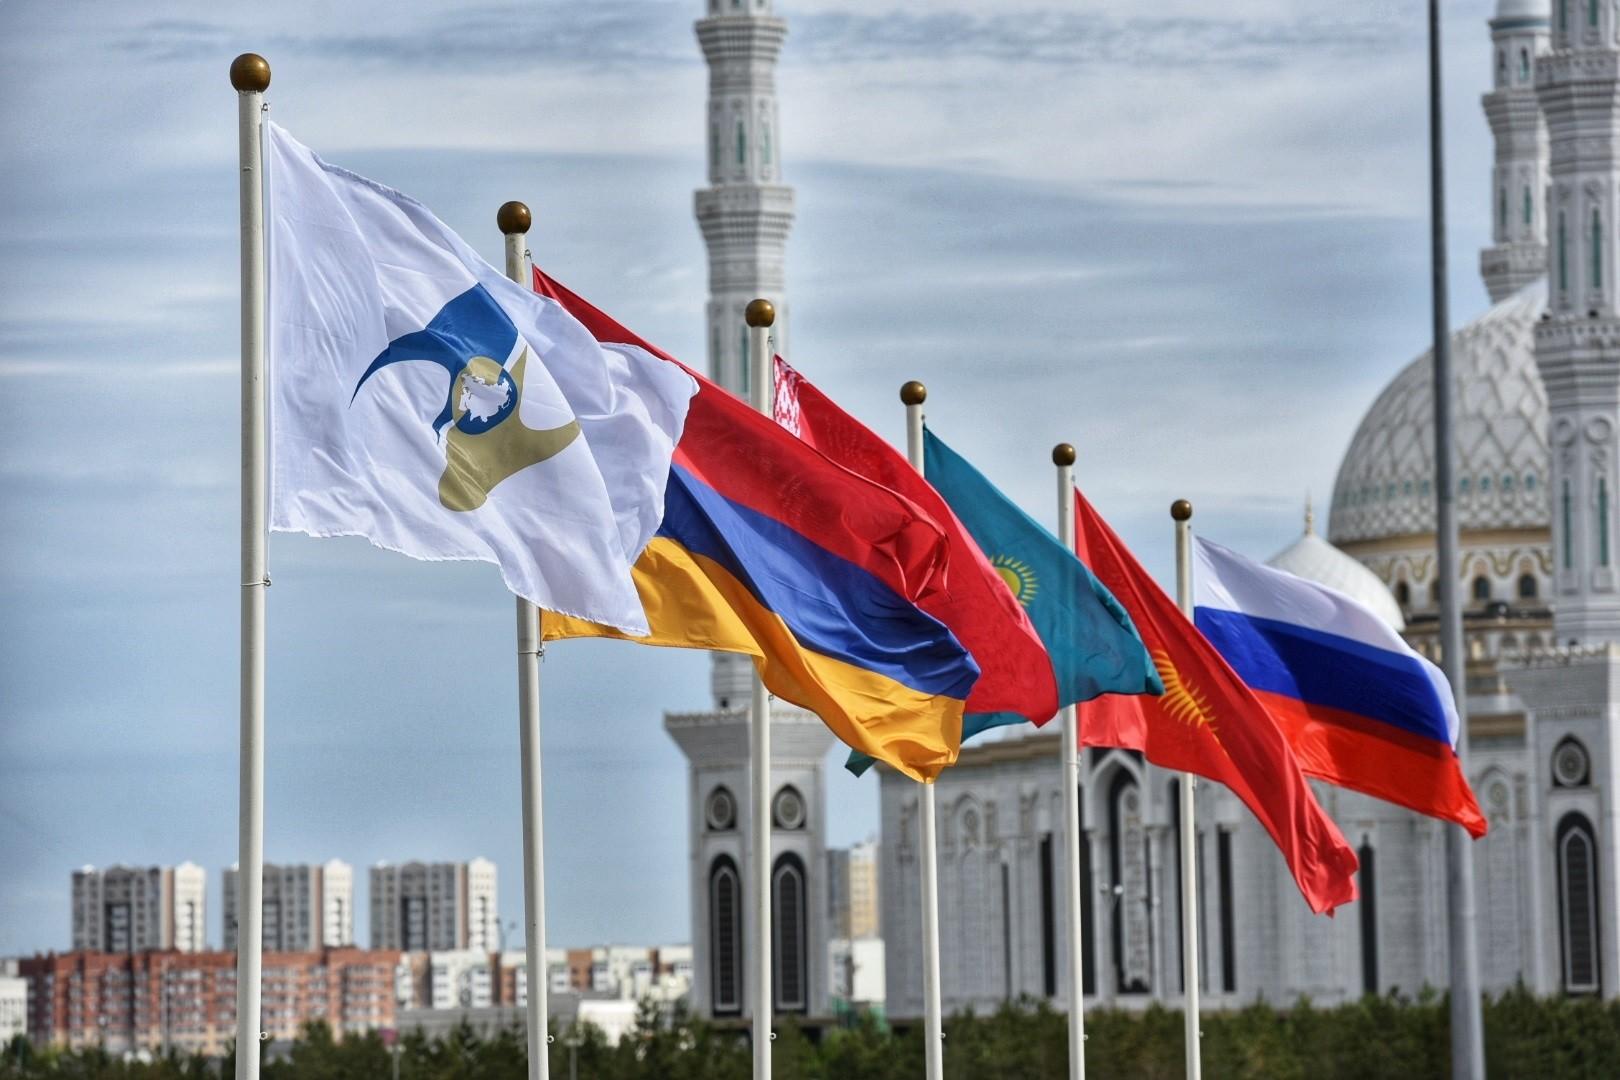 الاجتماع اليوبيلي الخامس للاتحاد الاقتصادي الأوراسي ينطلق في كازاخستان